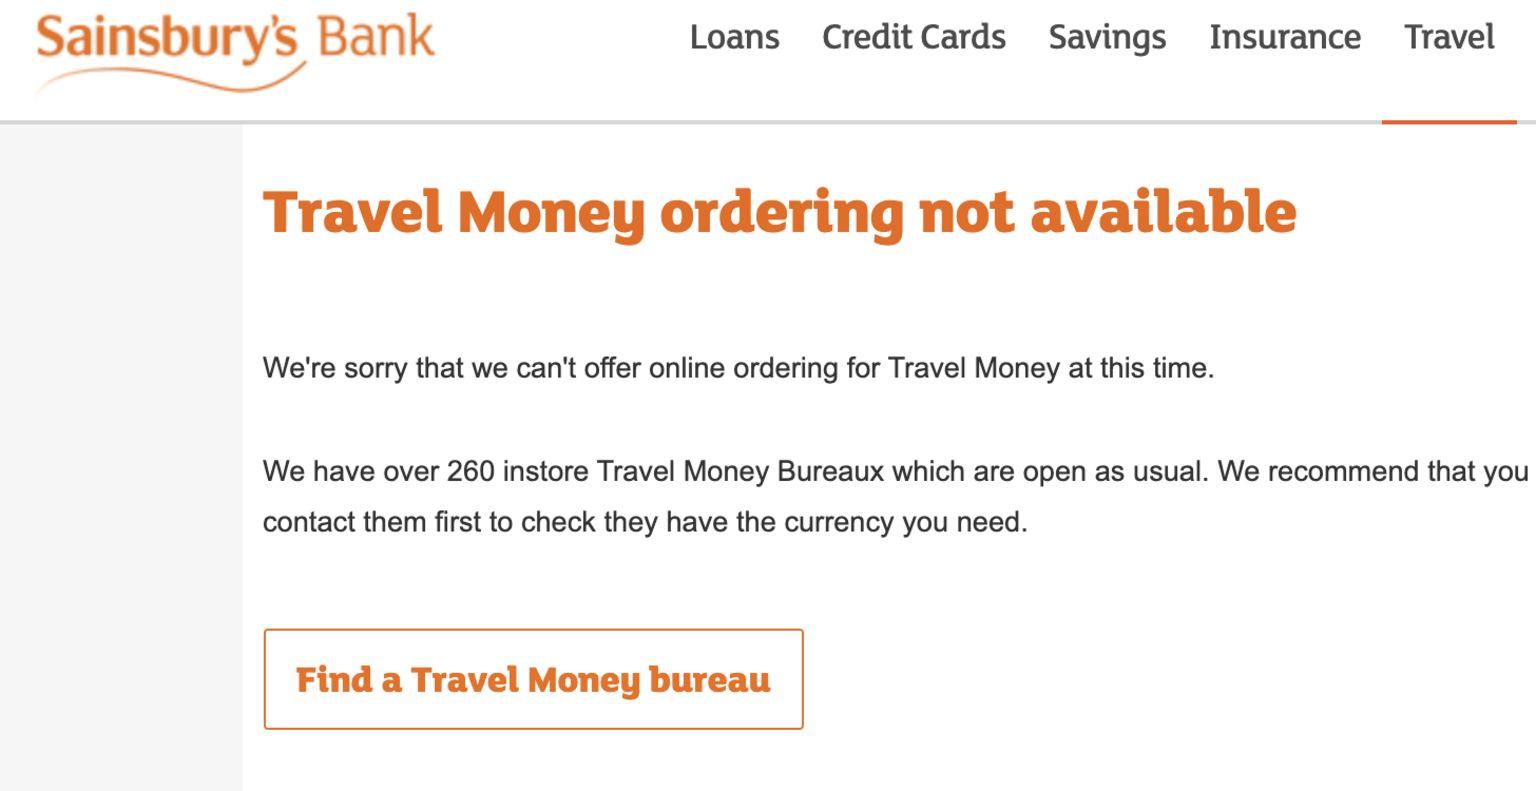 Screenshot of Sainsbury's Bank's statement